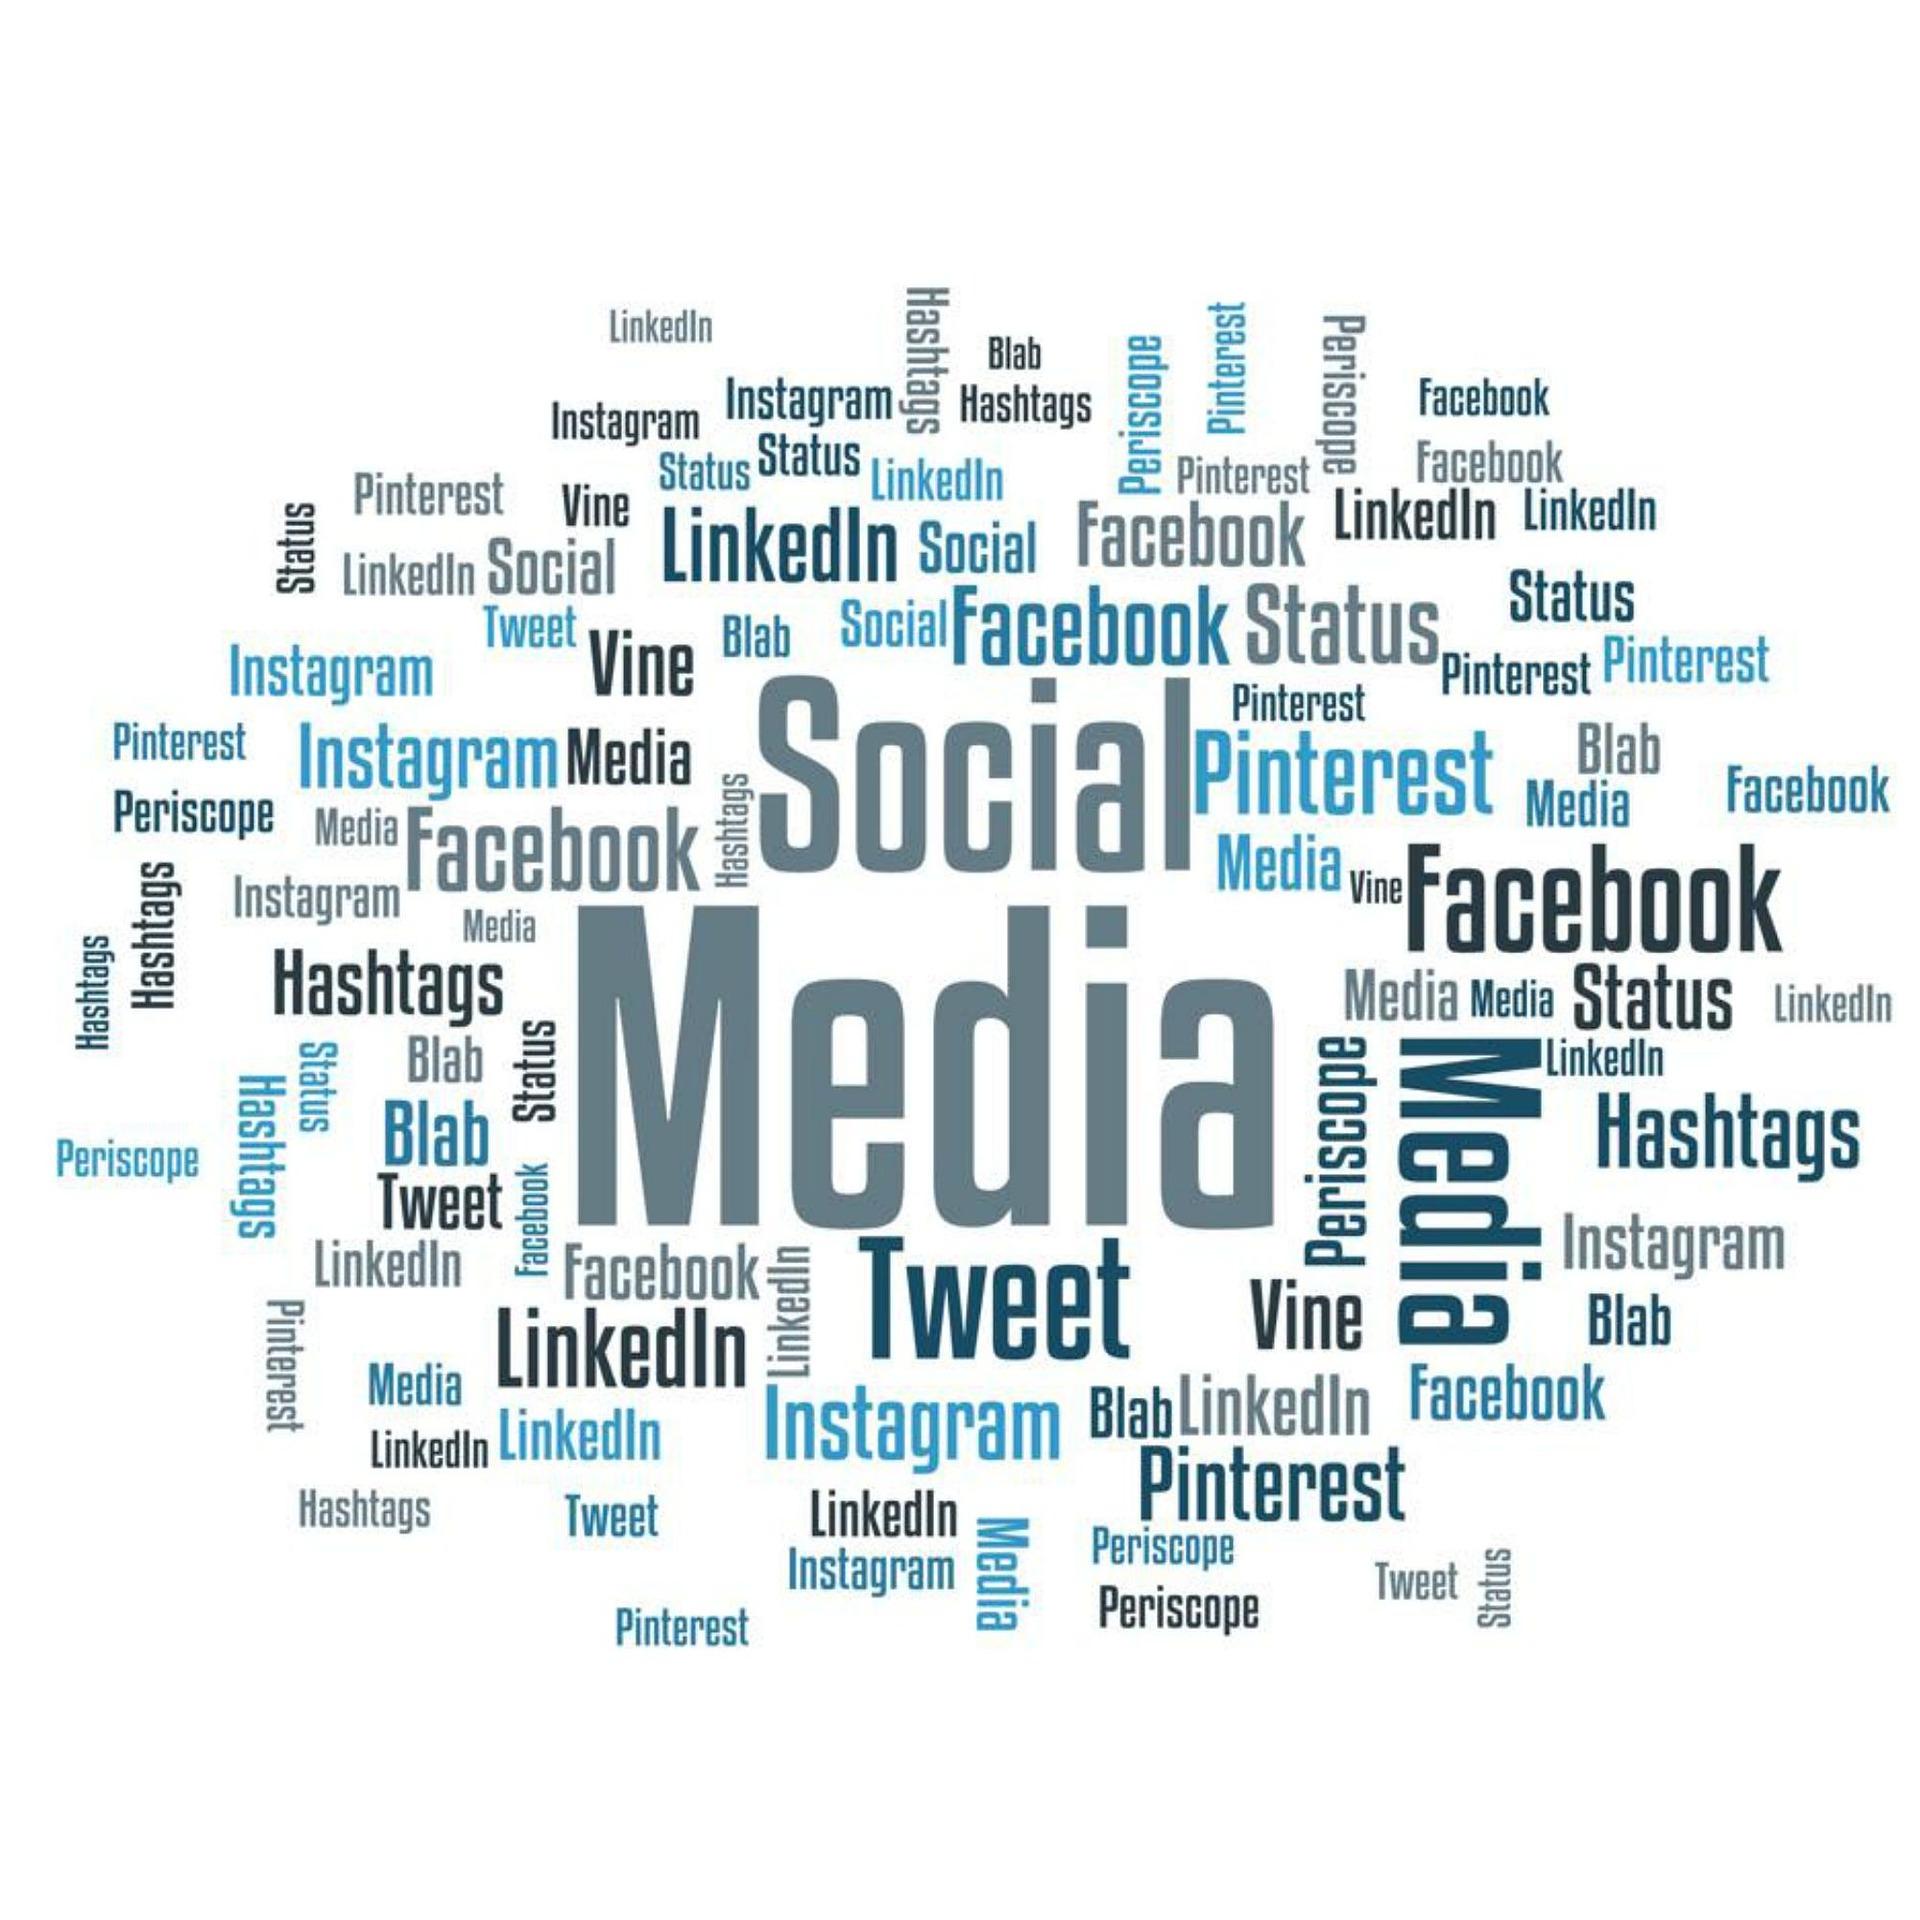 Top 10: come utilizzare i social media per la crescita della tua azienda